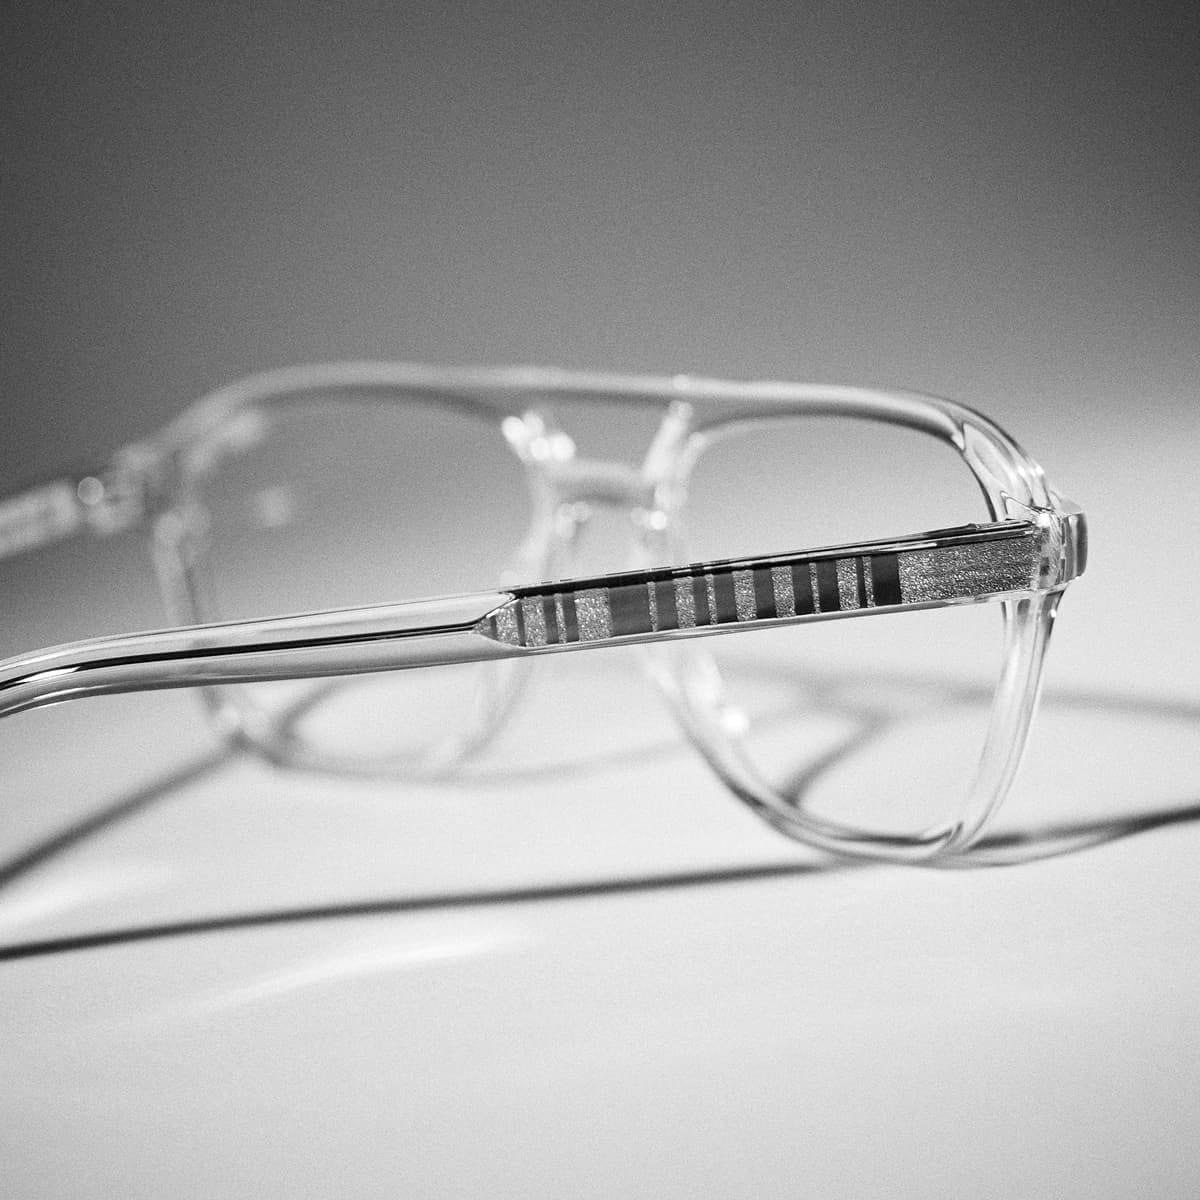 paul-smith-eyewear-glasses-stockist-opticians-west-midlands-shropshire-10